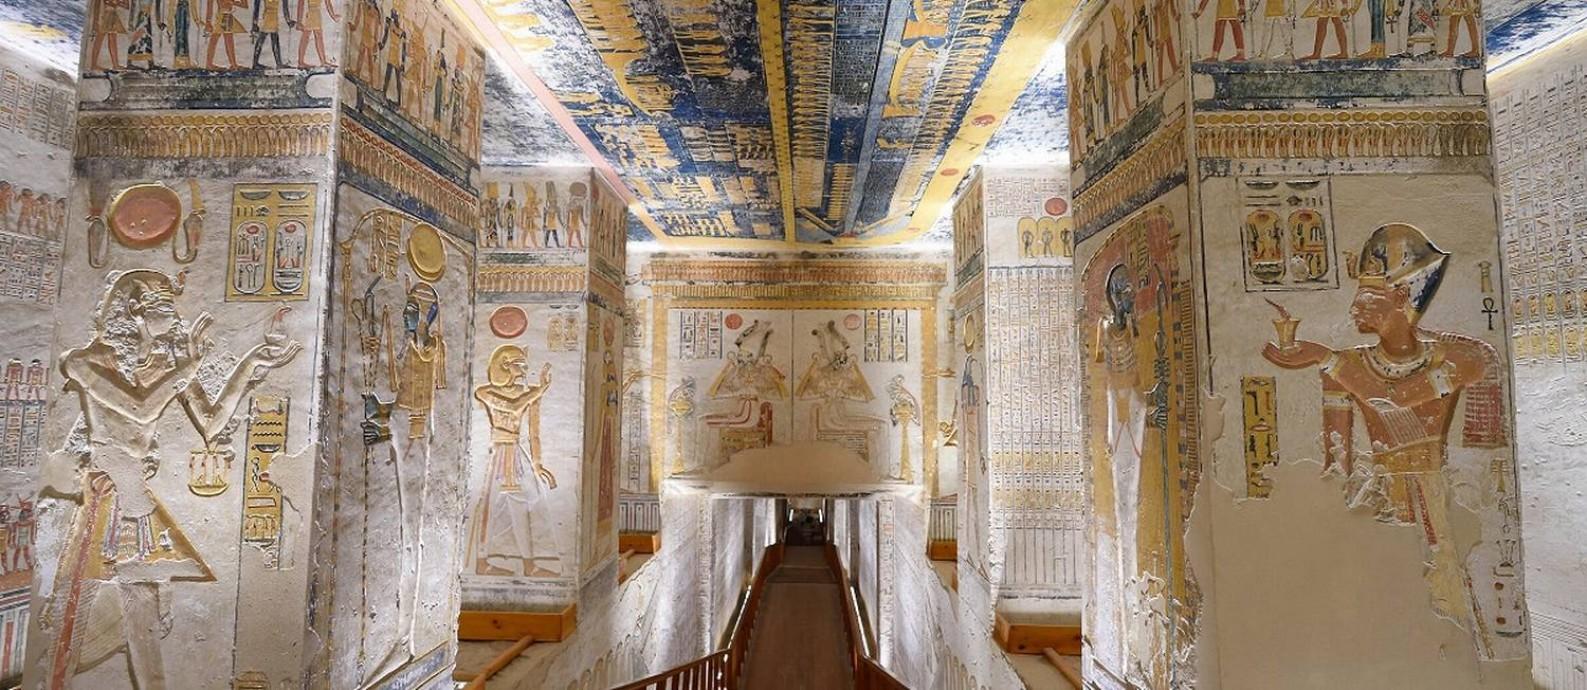 Hieróglifos no grande corredor da tumba de Ramsés VI, no Vale dos Reis, um dos sítios arqueológicos egípcios que estão com tours virtuais Foto: Tim Adams / Wikipedia / Reprodução